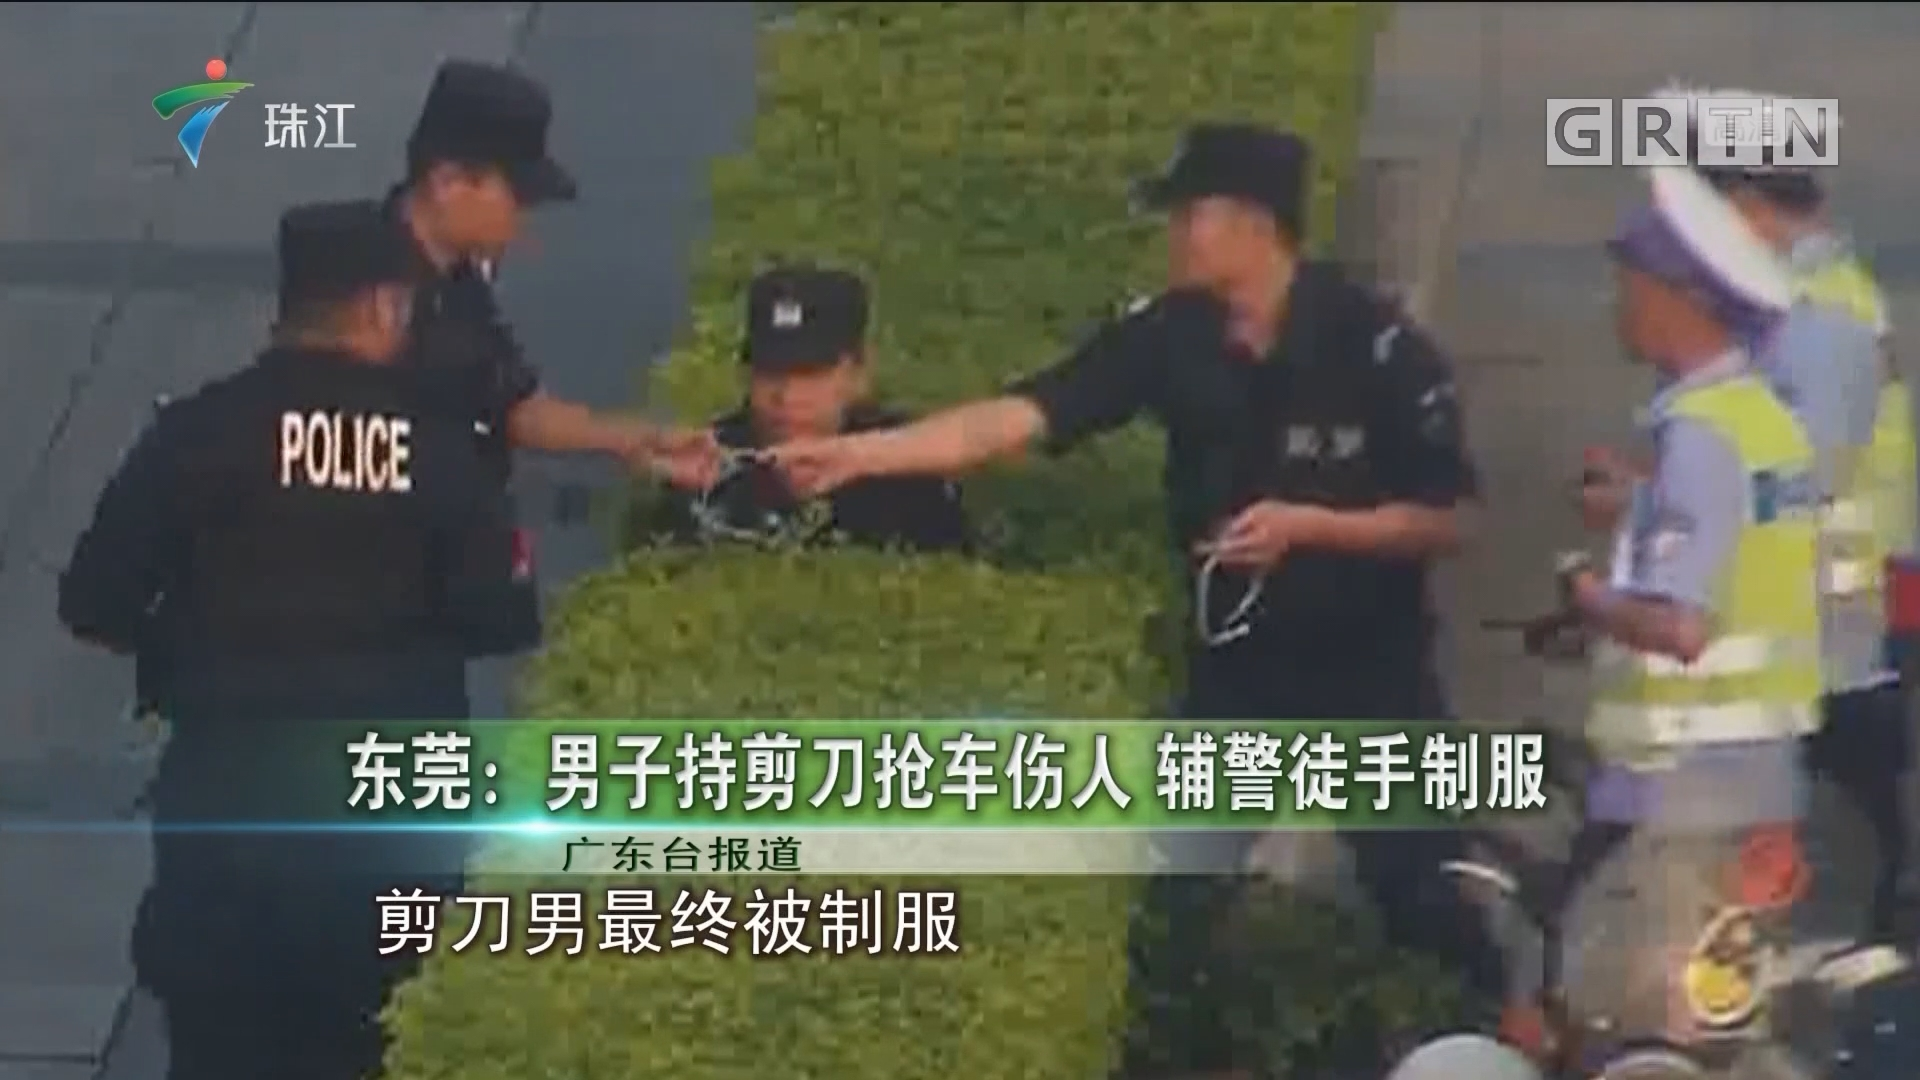 东莞:男子持剪刀抢车伤人 辅警徒手制服